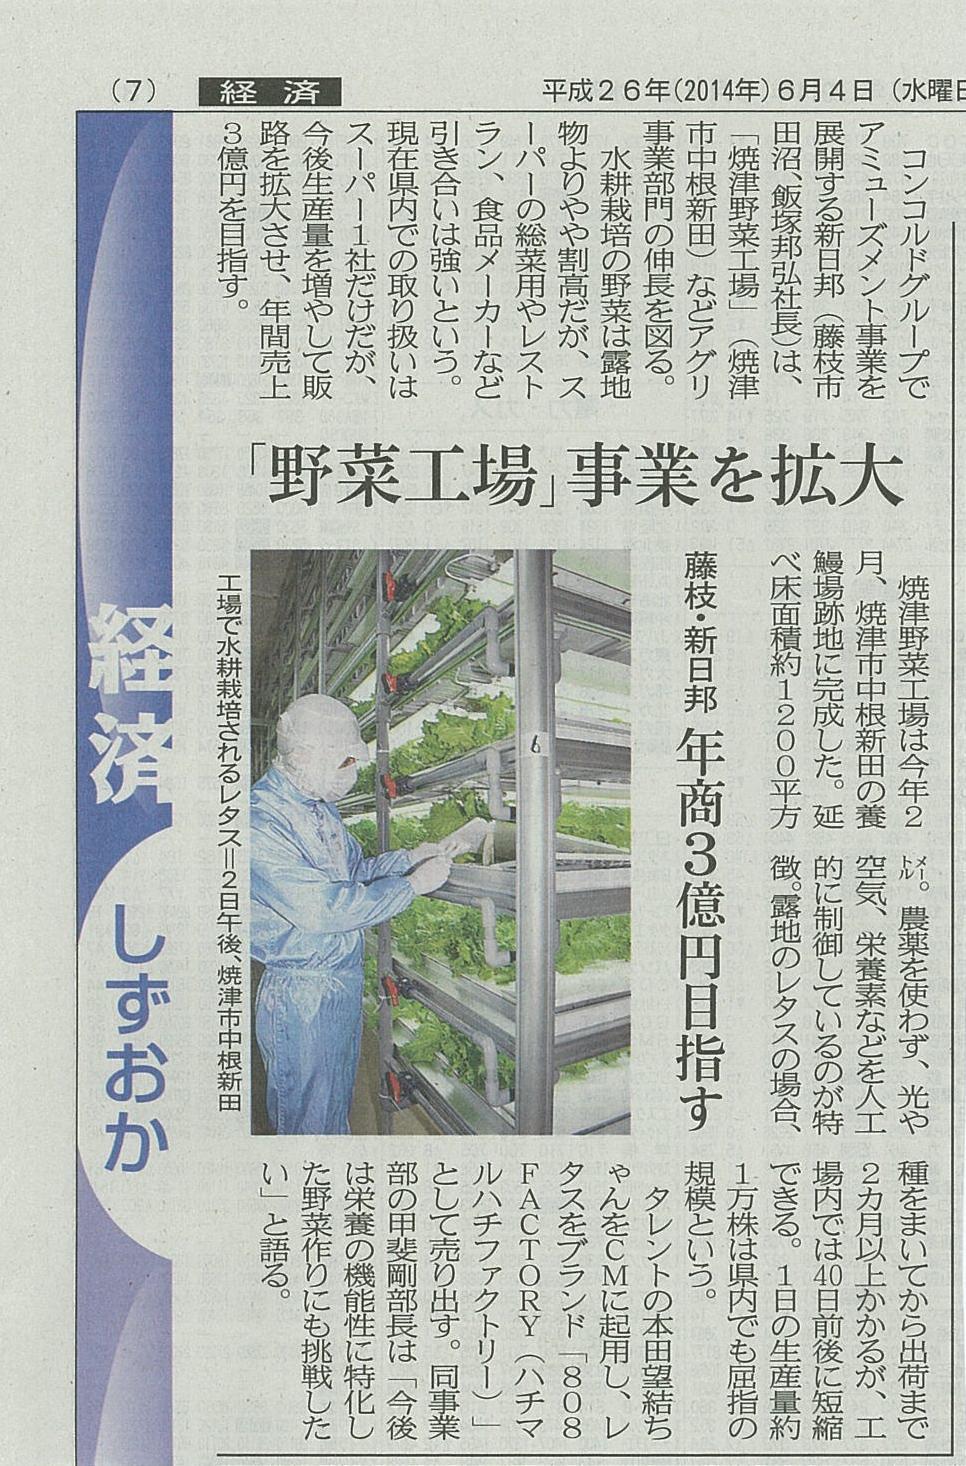 野菜工場記事